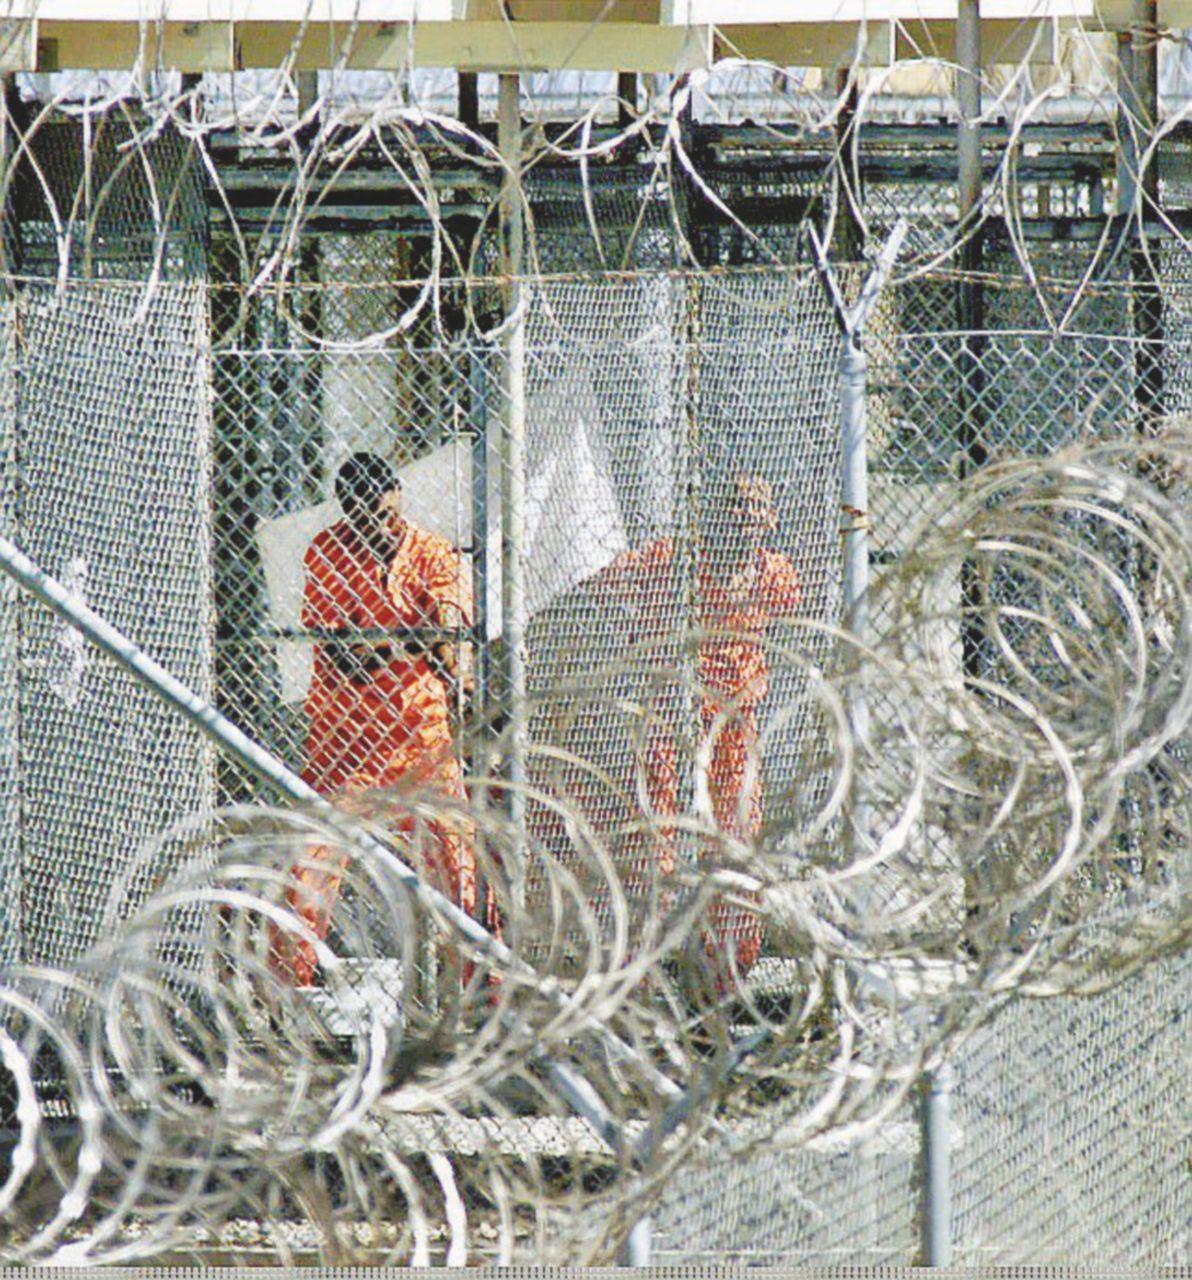 Il paradosso di Guantanamo